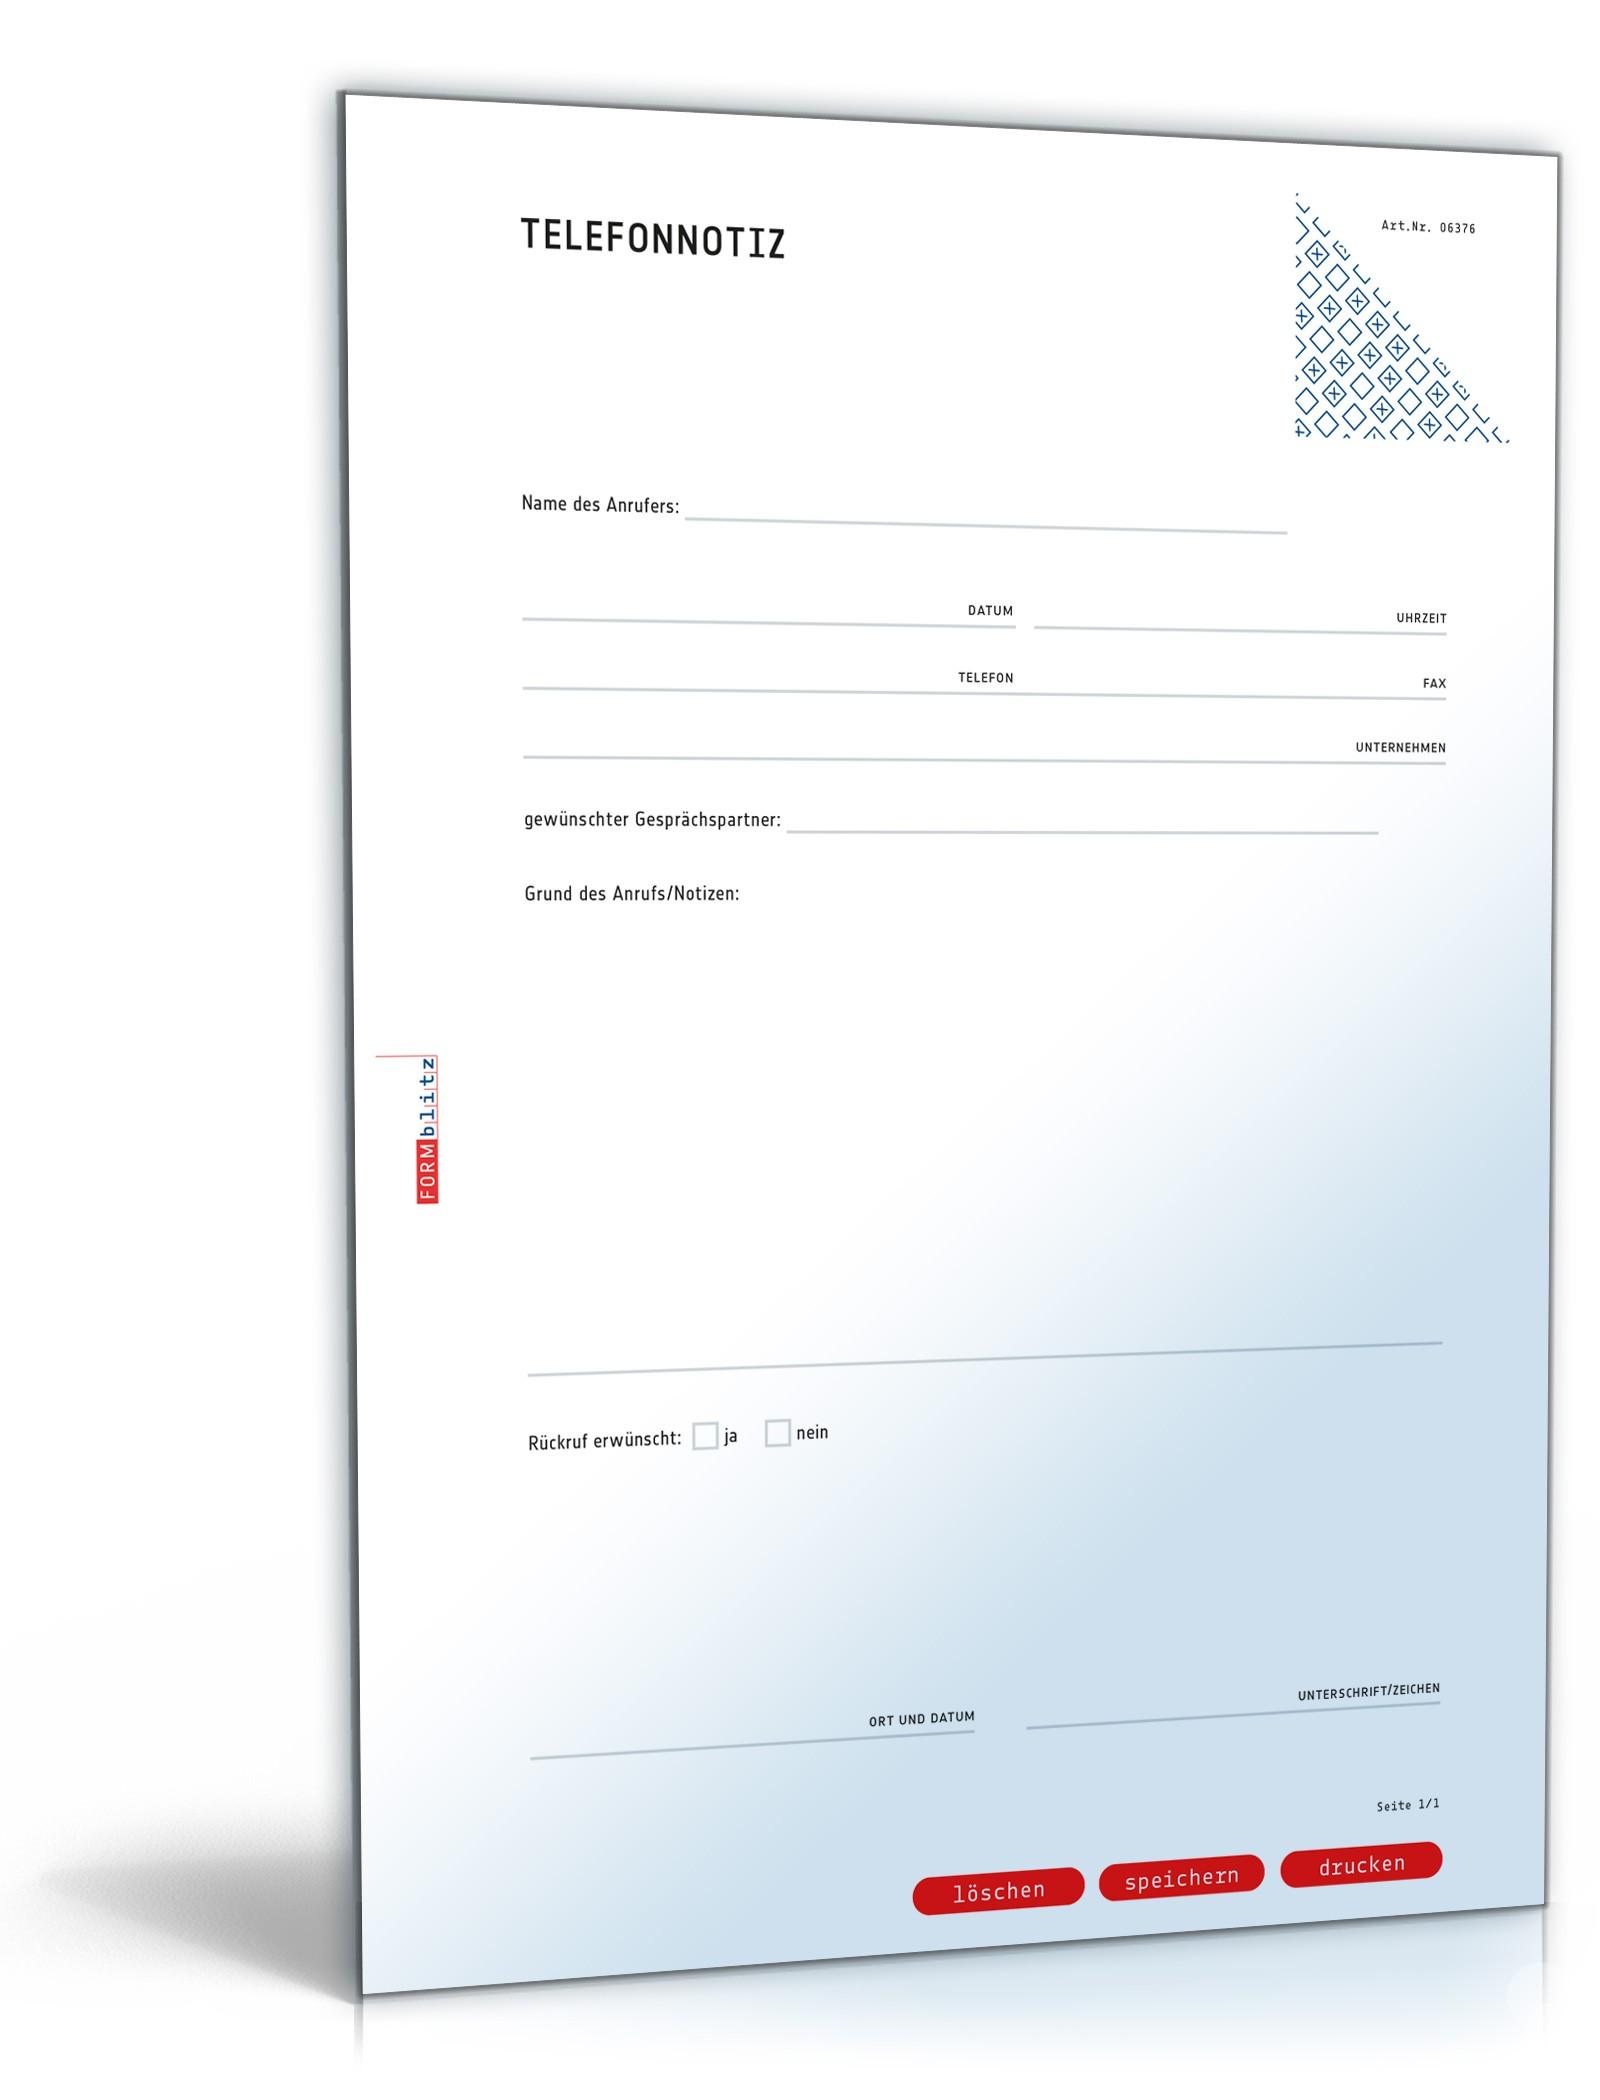 Musterbriefe Kostenlos Geschäftsbriefe : Telefonnotiz vorlage zum download